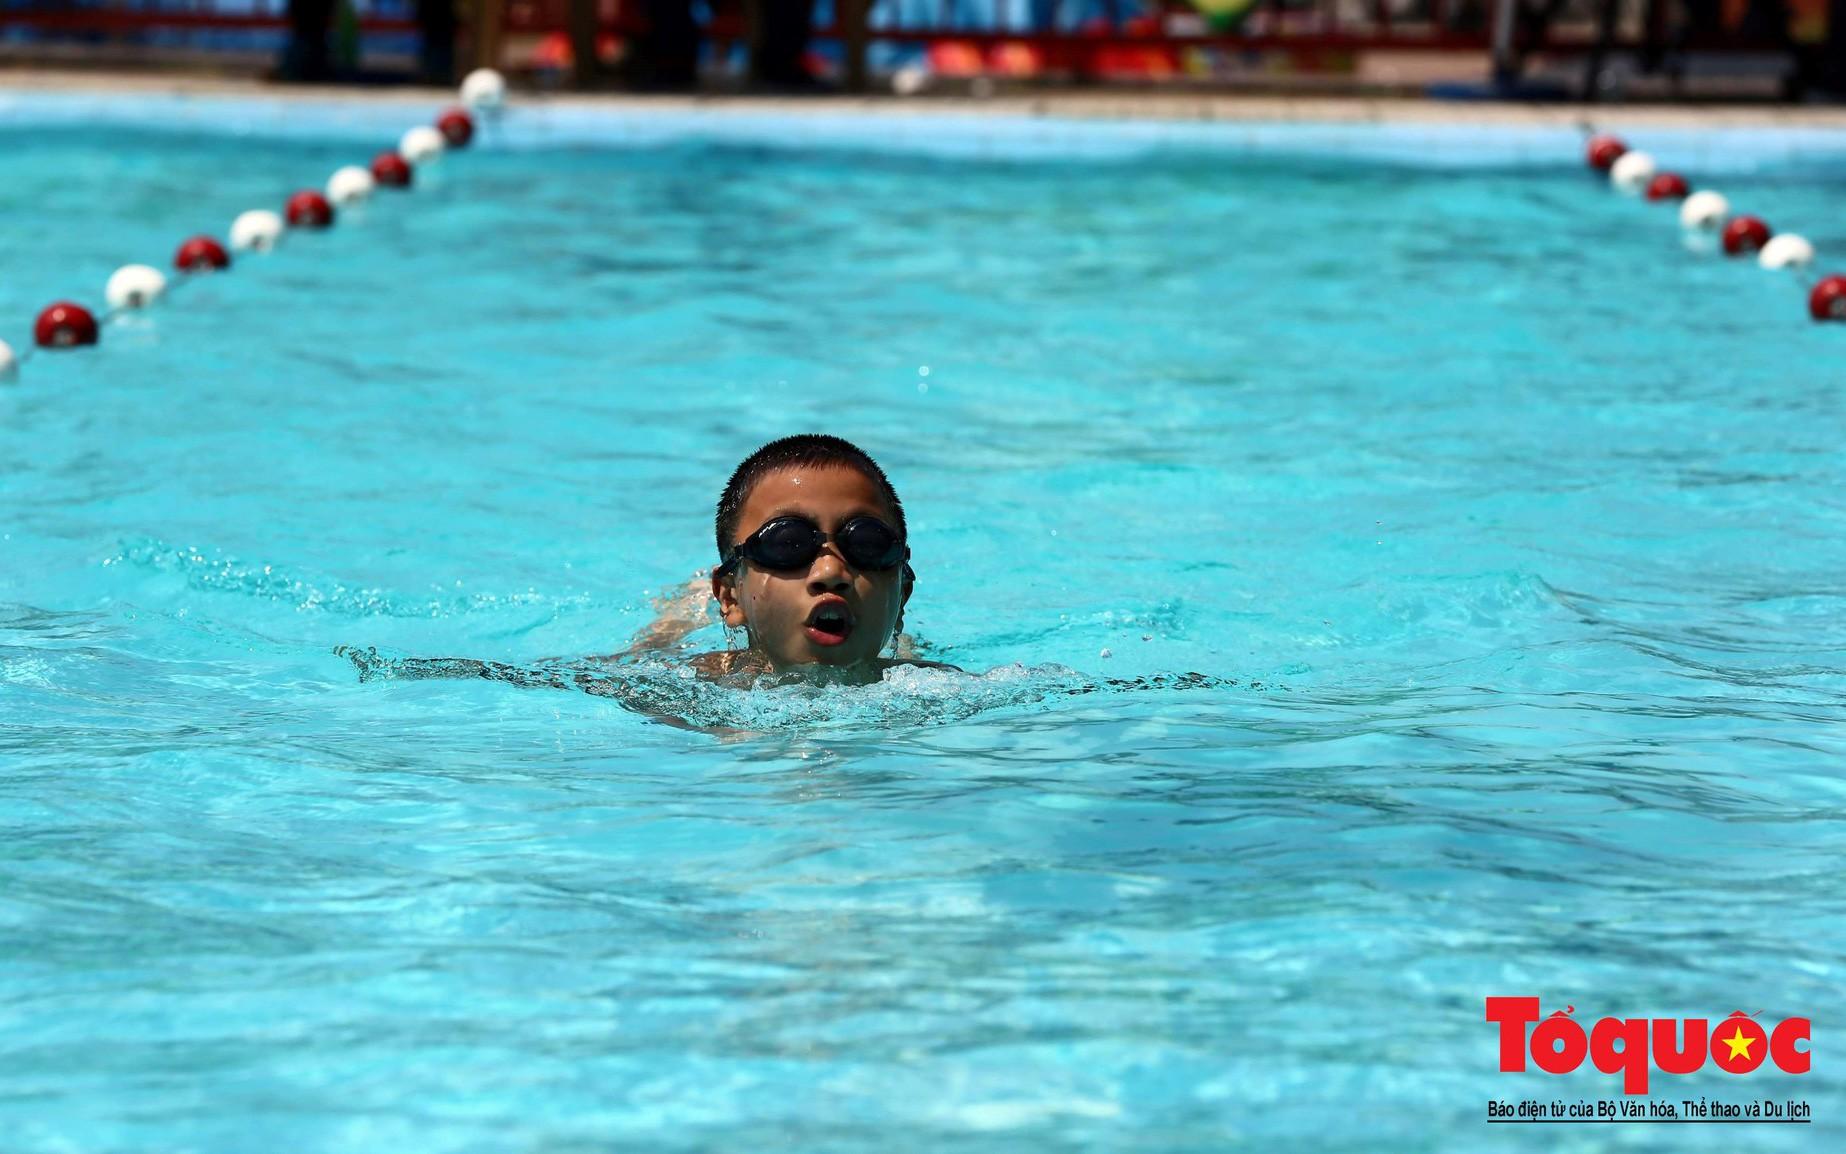 Tổ chức Giải Bơi cứu đuối học sinh, Thanh thiếu nhi toàn quốc